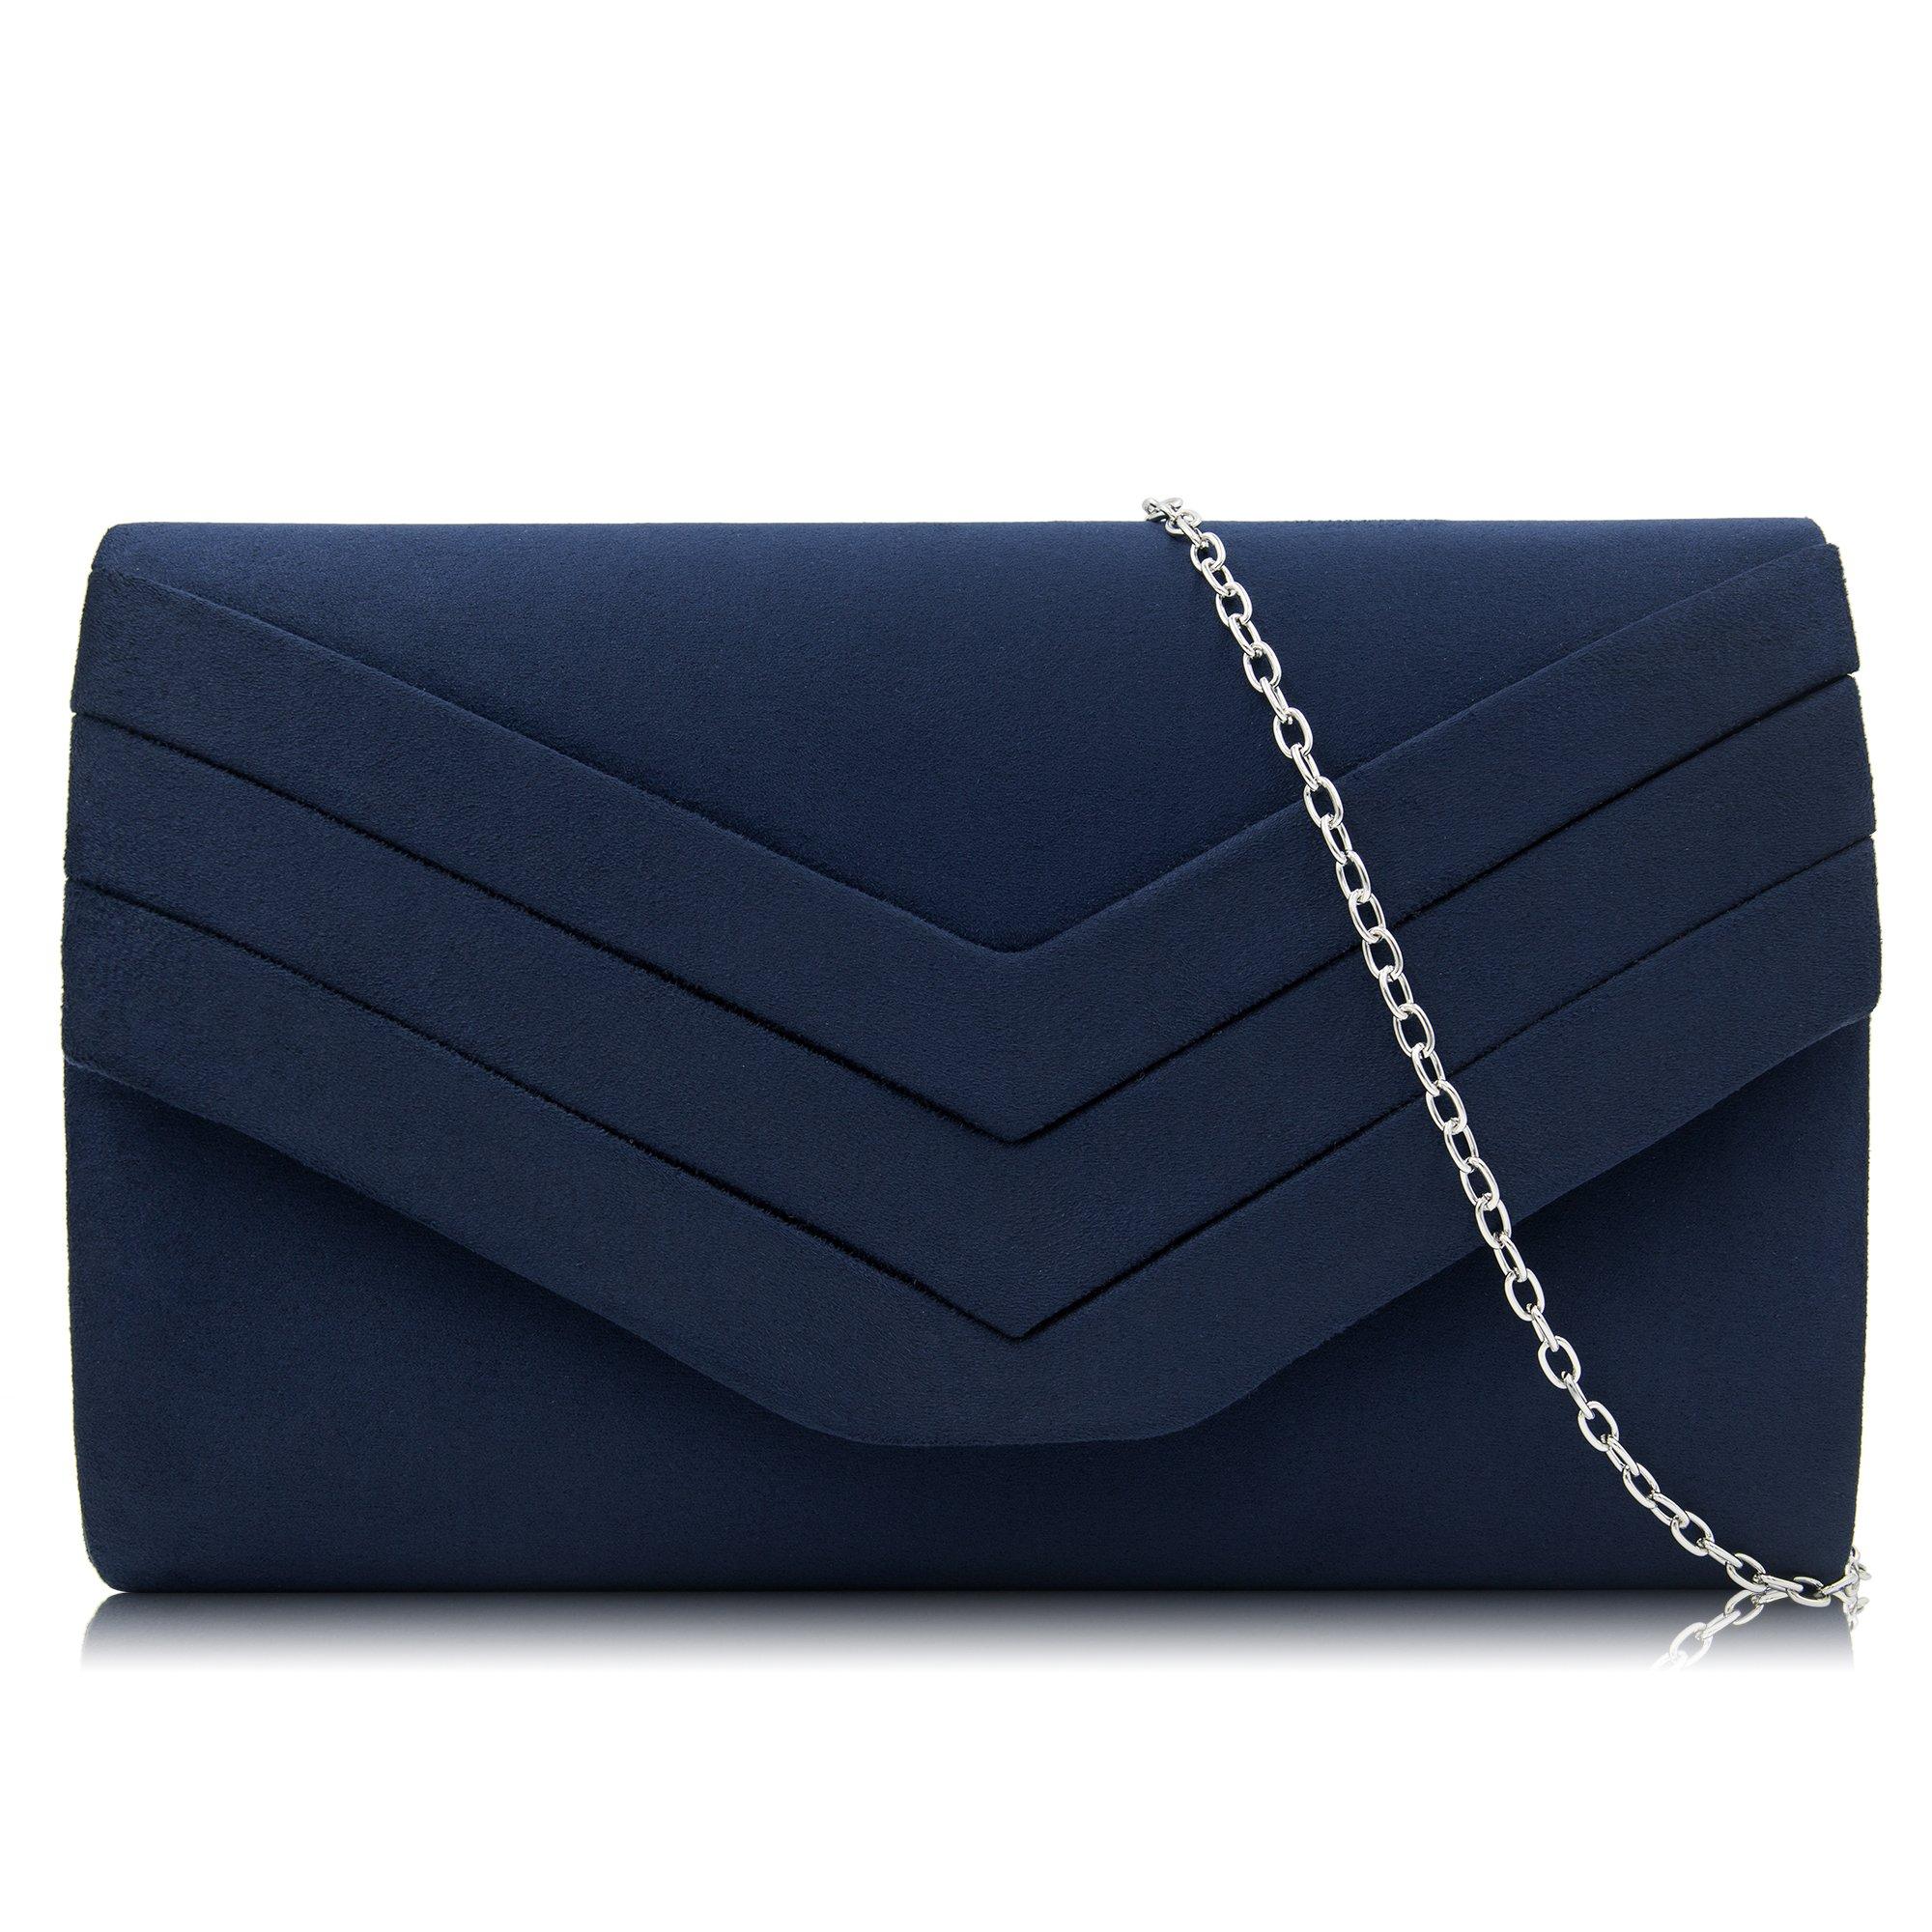 Milisente Clutch Purses for Women Velvet Envelope Evening Bags Classic Shoulder Clutch Purse (Navy)